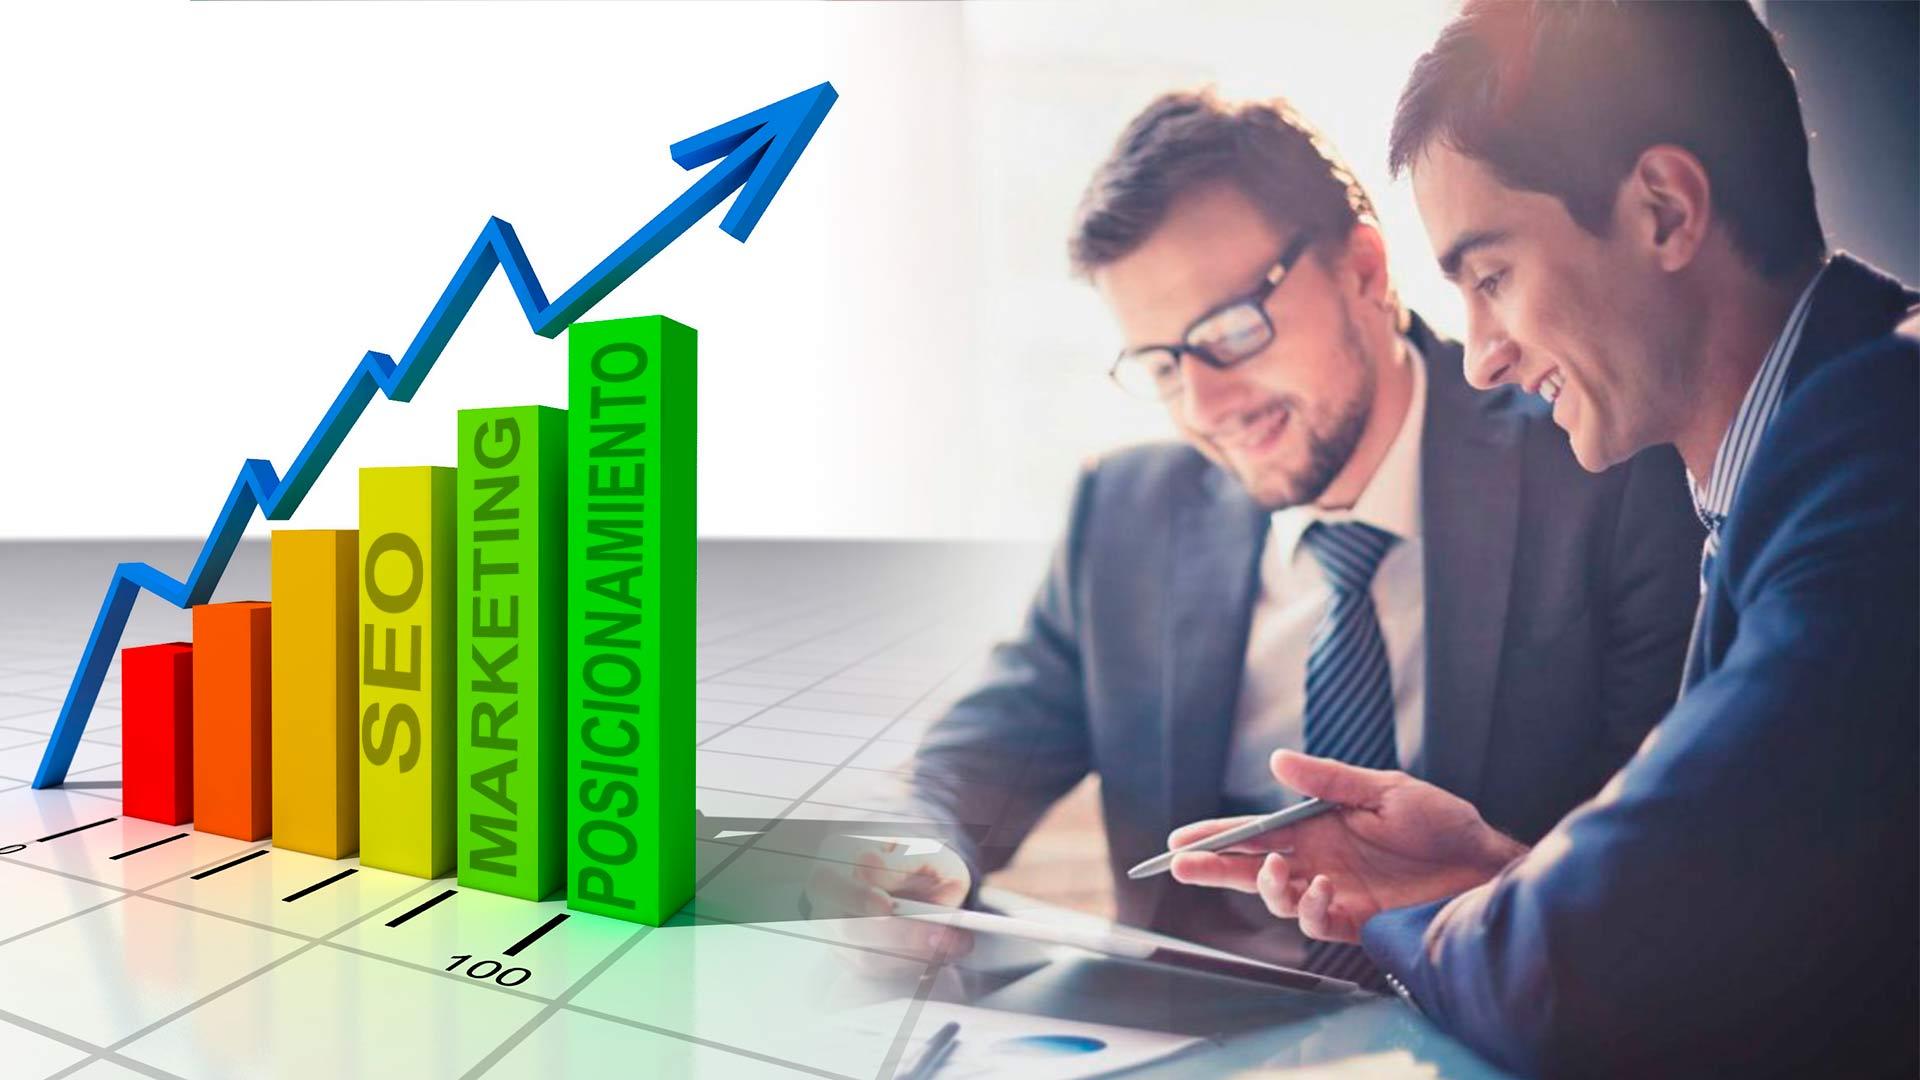 posicionamiento web - ardos consultores - estrategias digitales